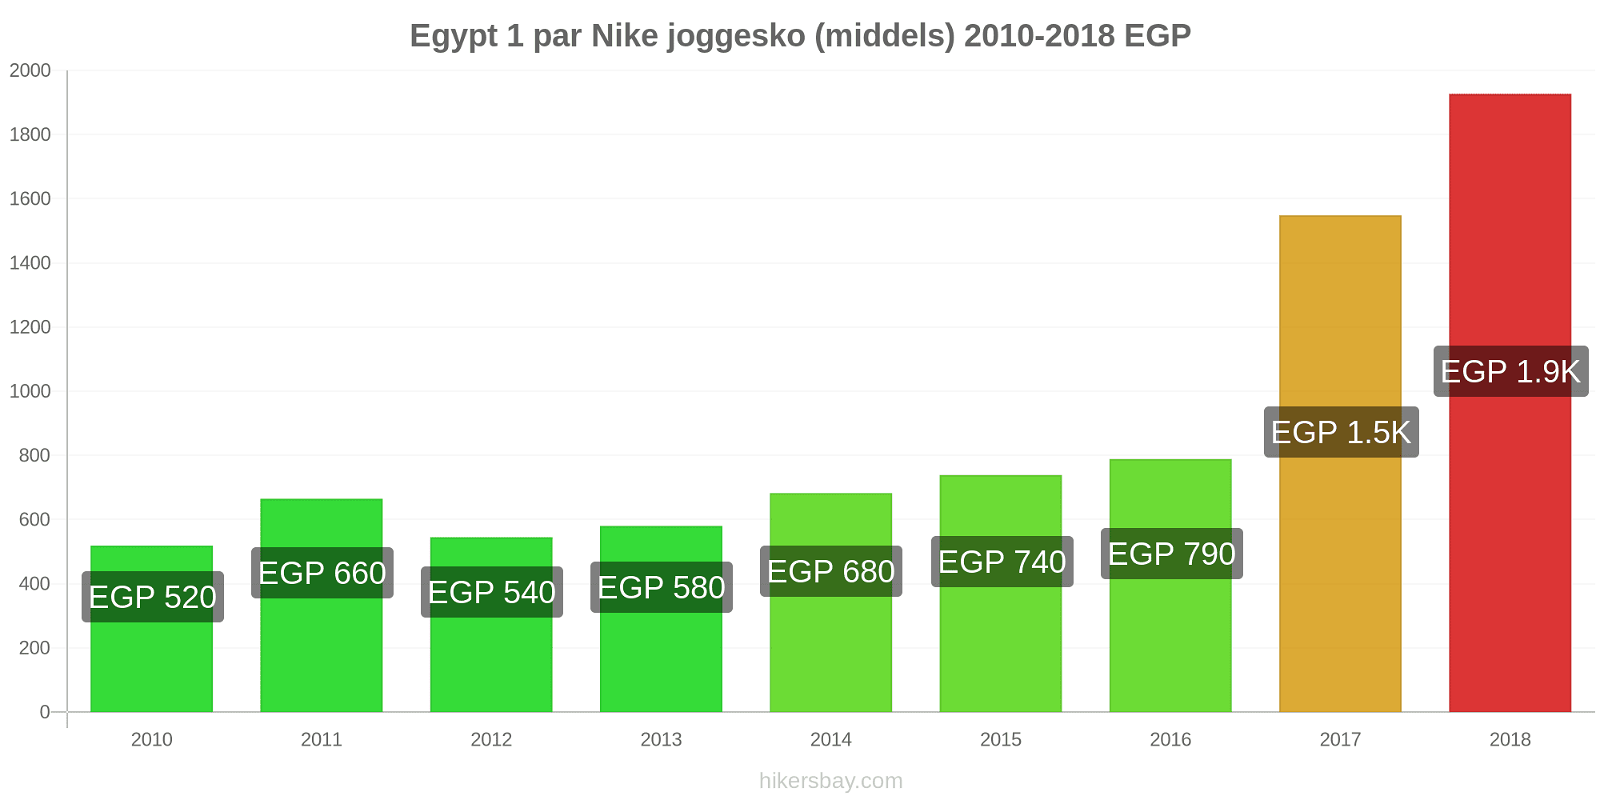 Egypt prisendringer 1 par Nike joggesko (middels) hikersbay.com